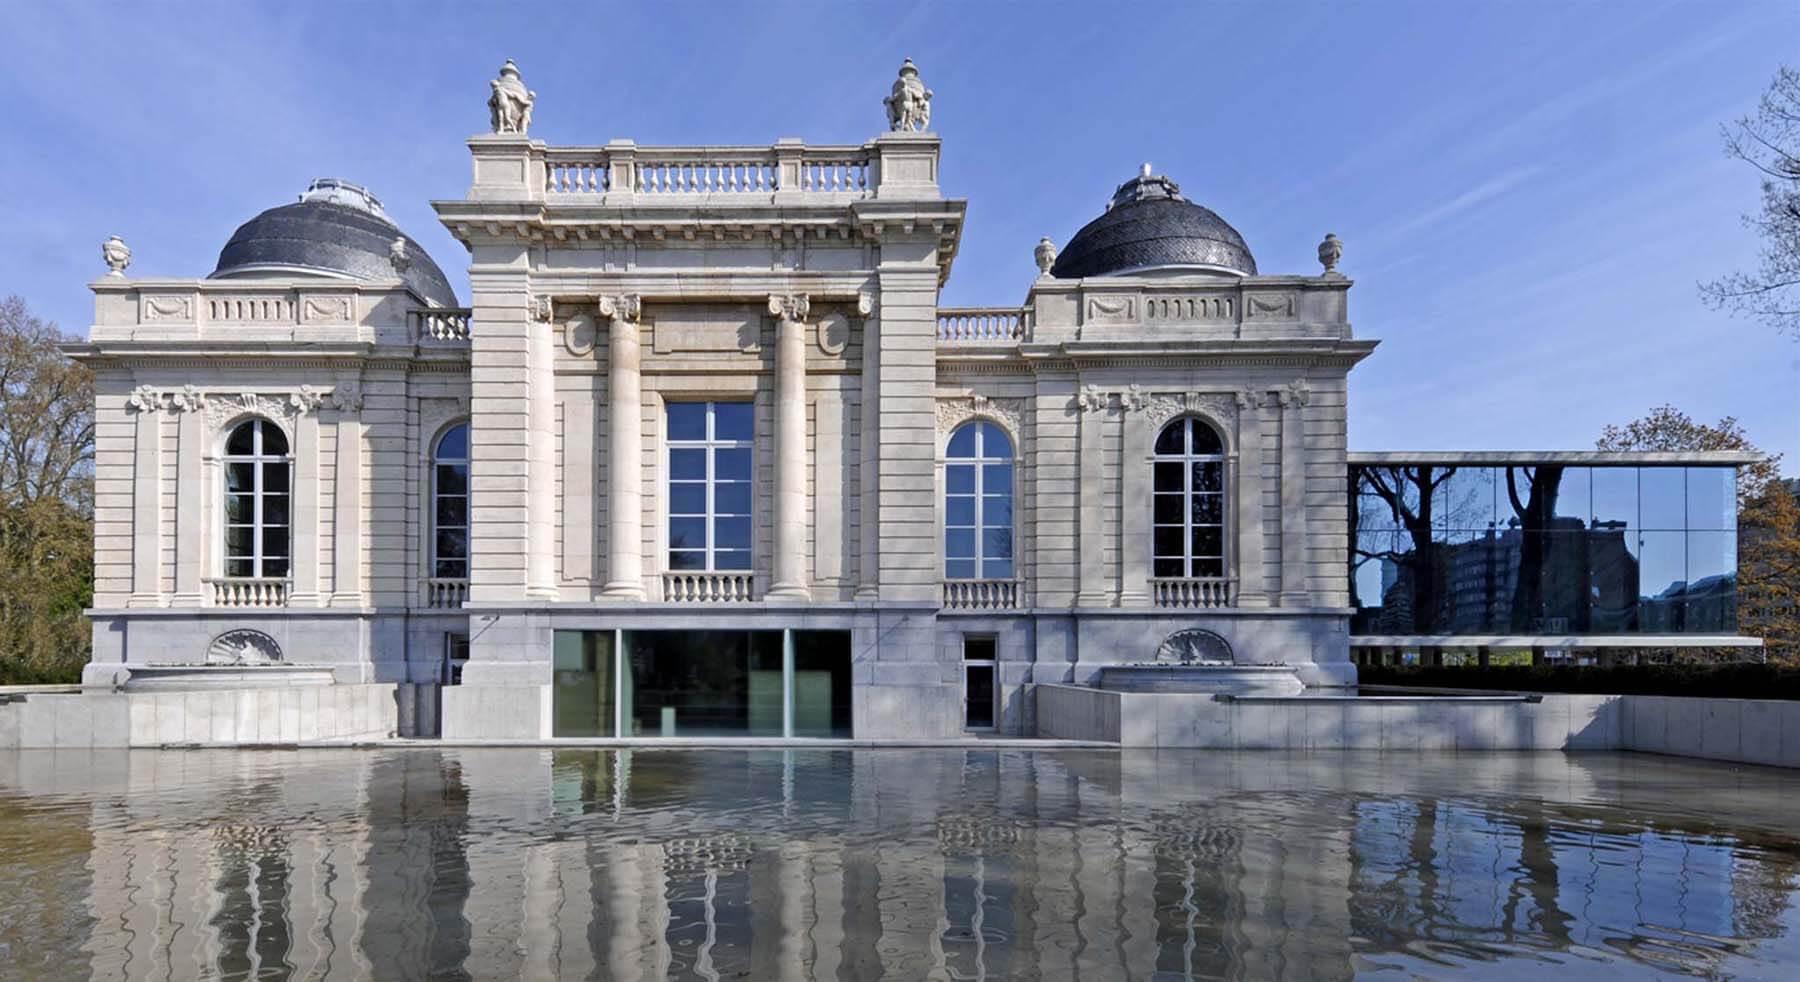 Музей бельгийской и иностранной живописи и фотографии La Boverie